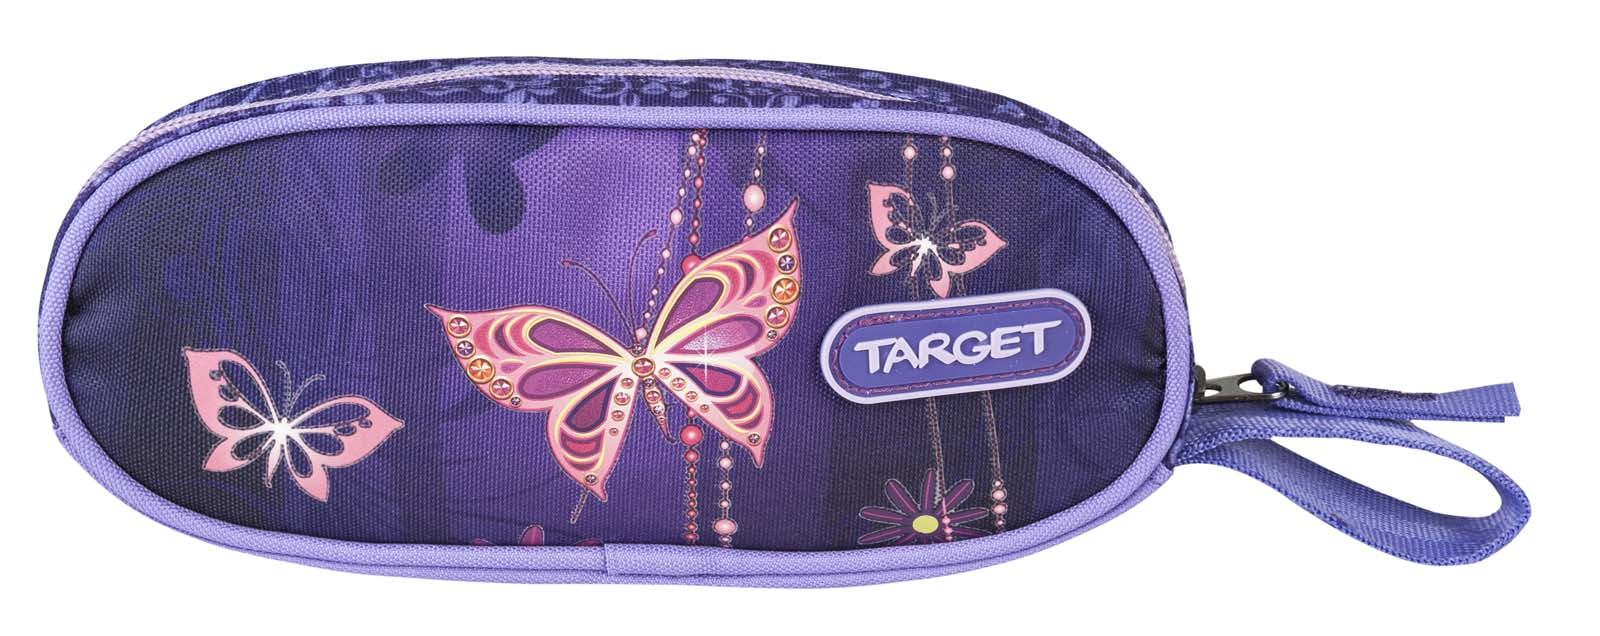 Target Collection Пенал Золотая бабочка72523WDПенал овальный школьный. Без наполнения. Размер: 21 x 9 x 4 см. Материал: Полиэстер. Предназначен для школьников 6-16 лет. Застежка-молния.